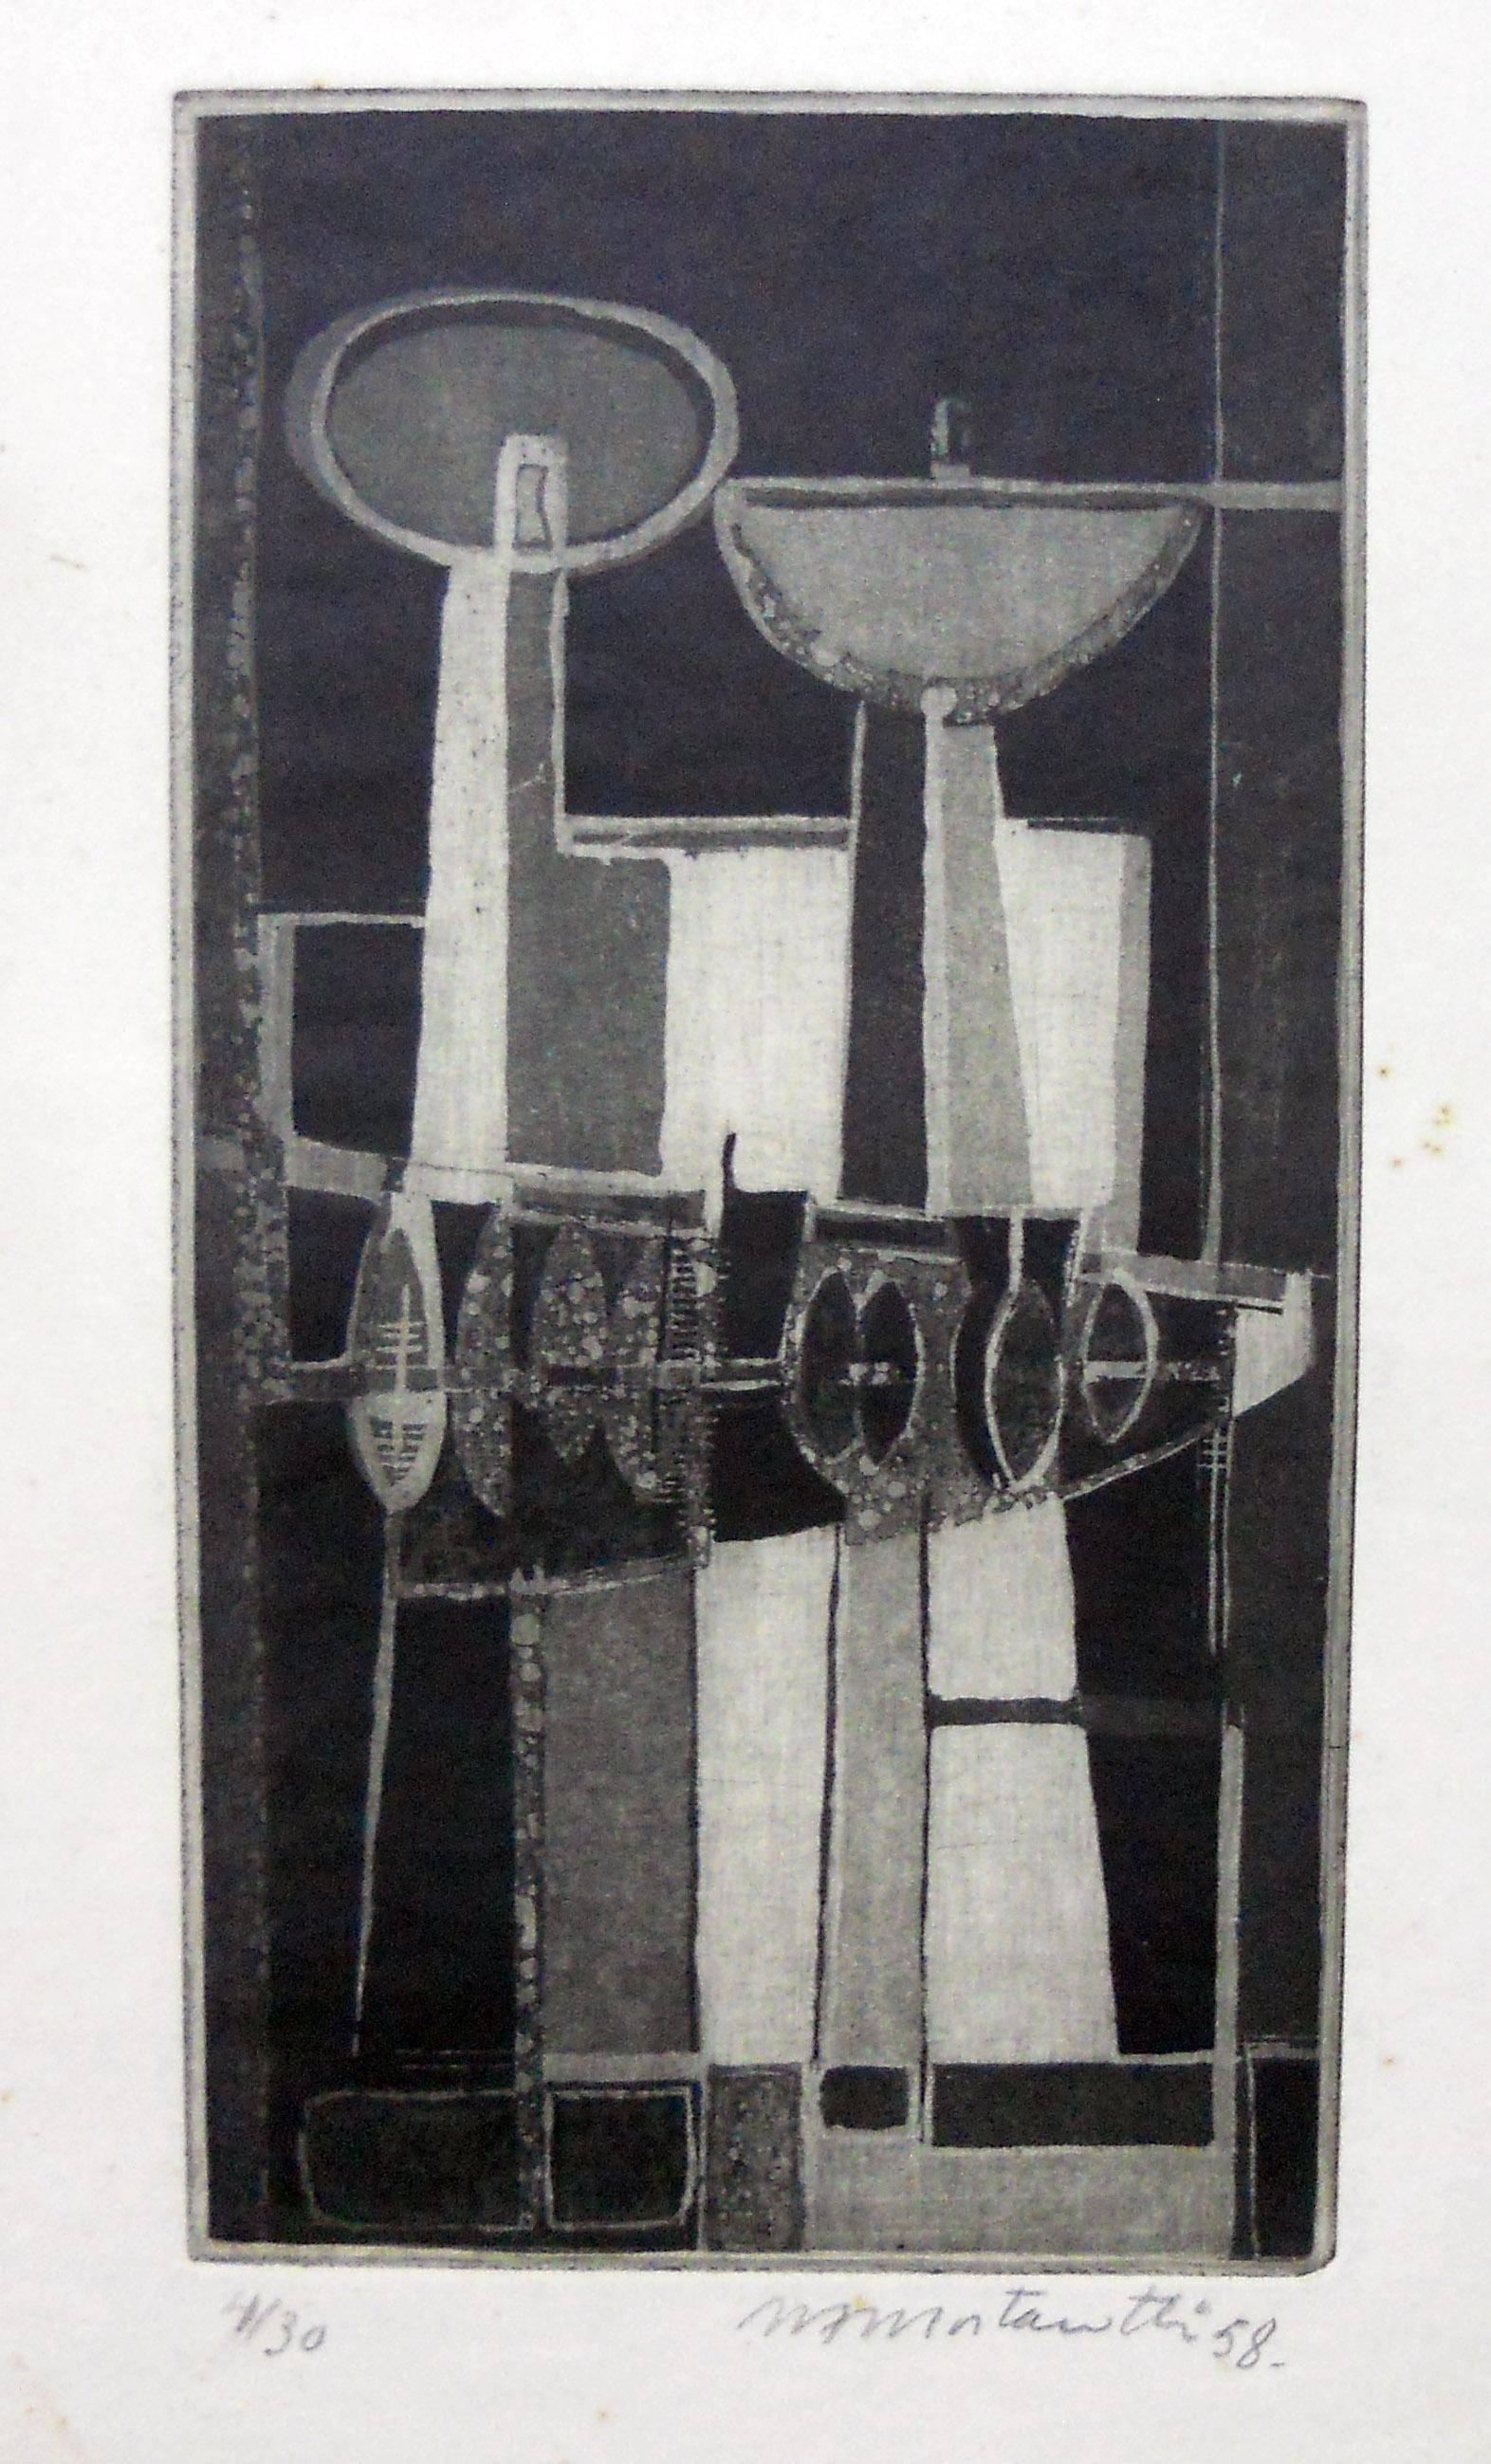 Obra ampliada: Composición 1958 - Margarita Mortarotti